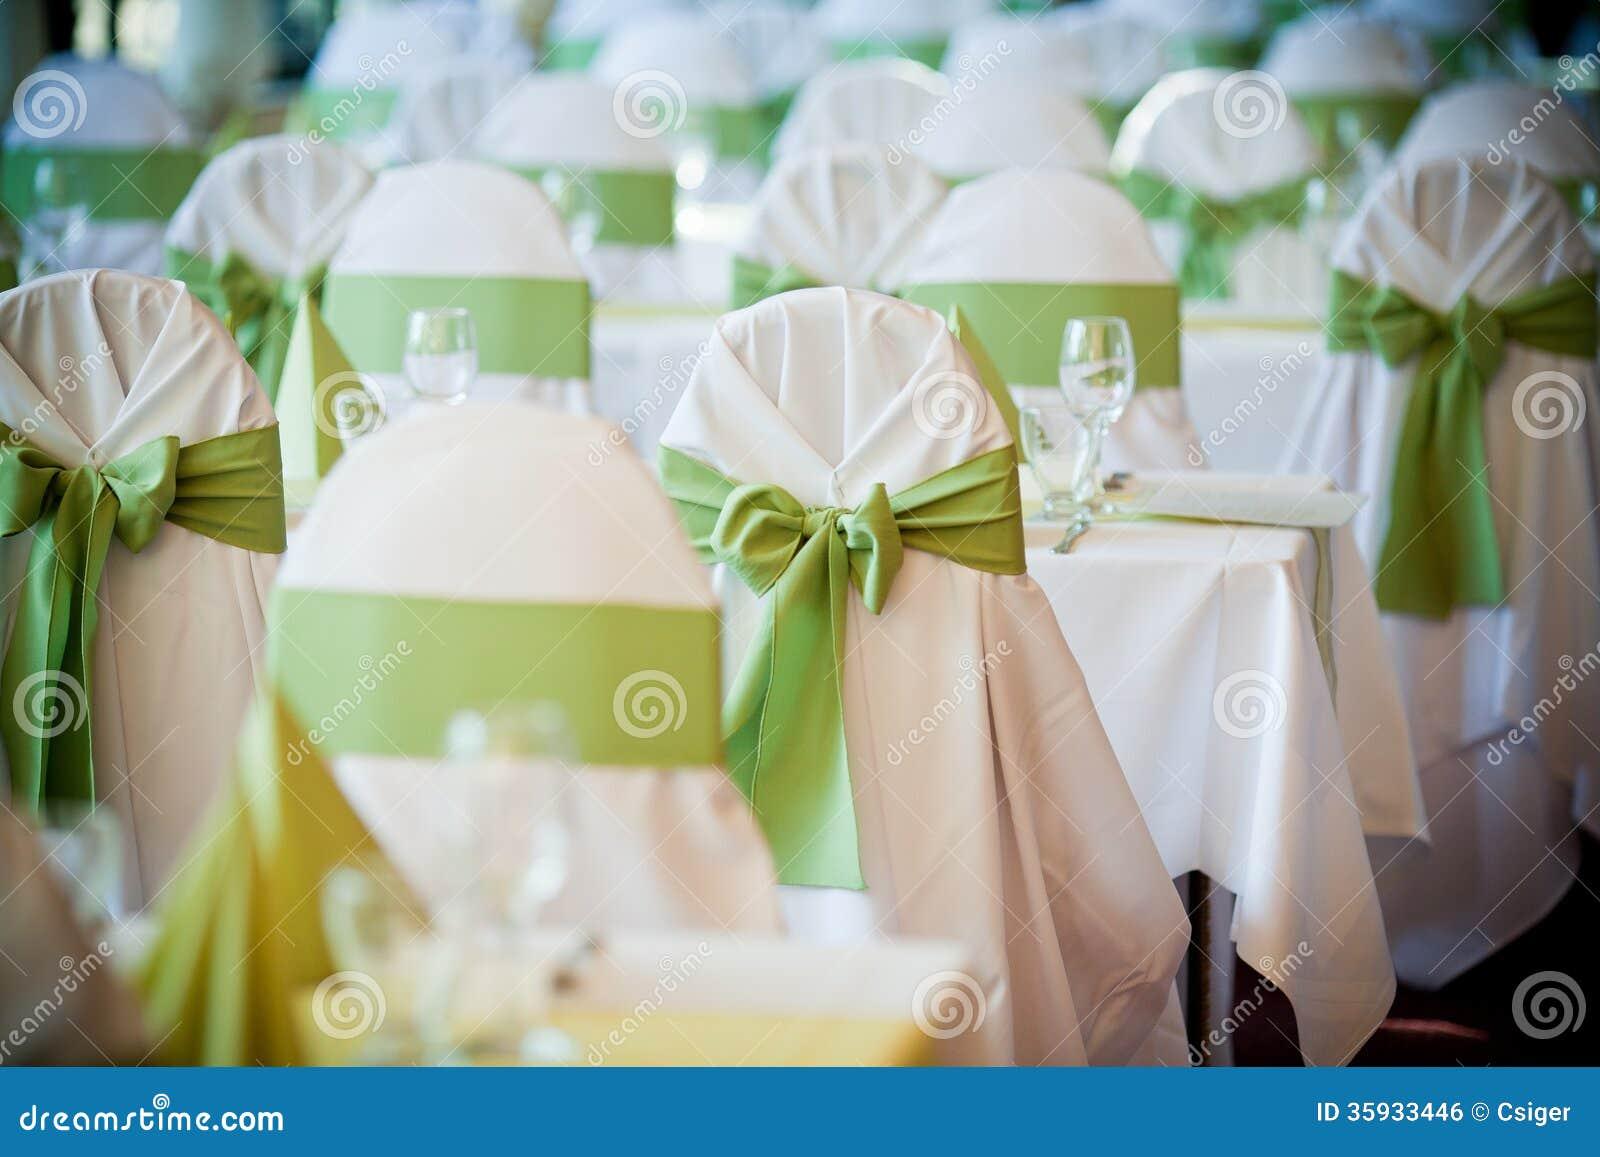 Wedding decoration stock photo image of european wedding 35933446 wedding decoration junglespirit Gallery